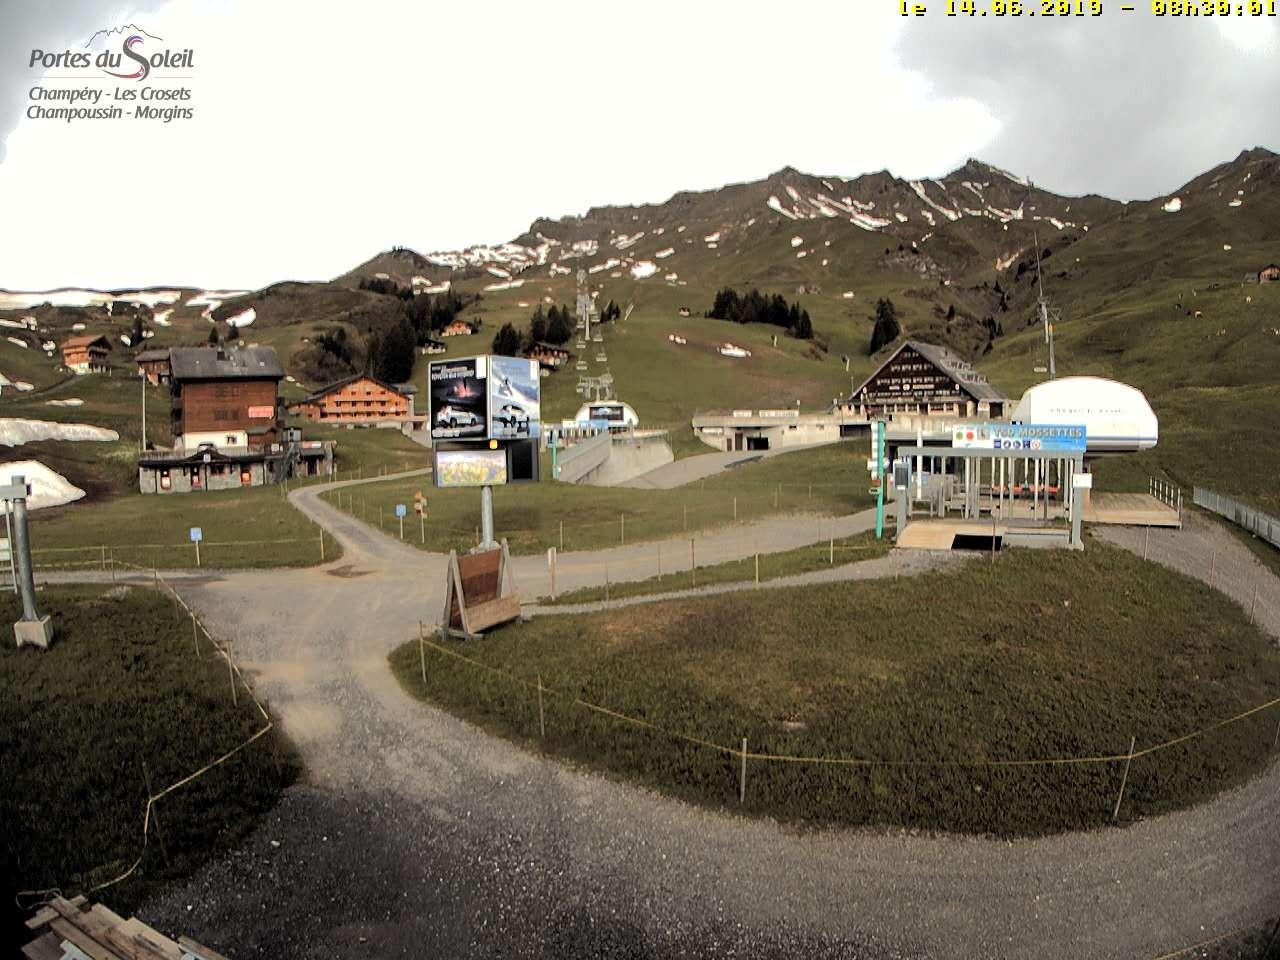 Webcams Portes du Soleil